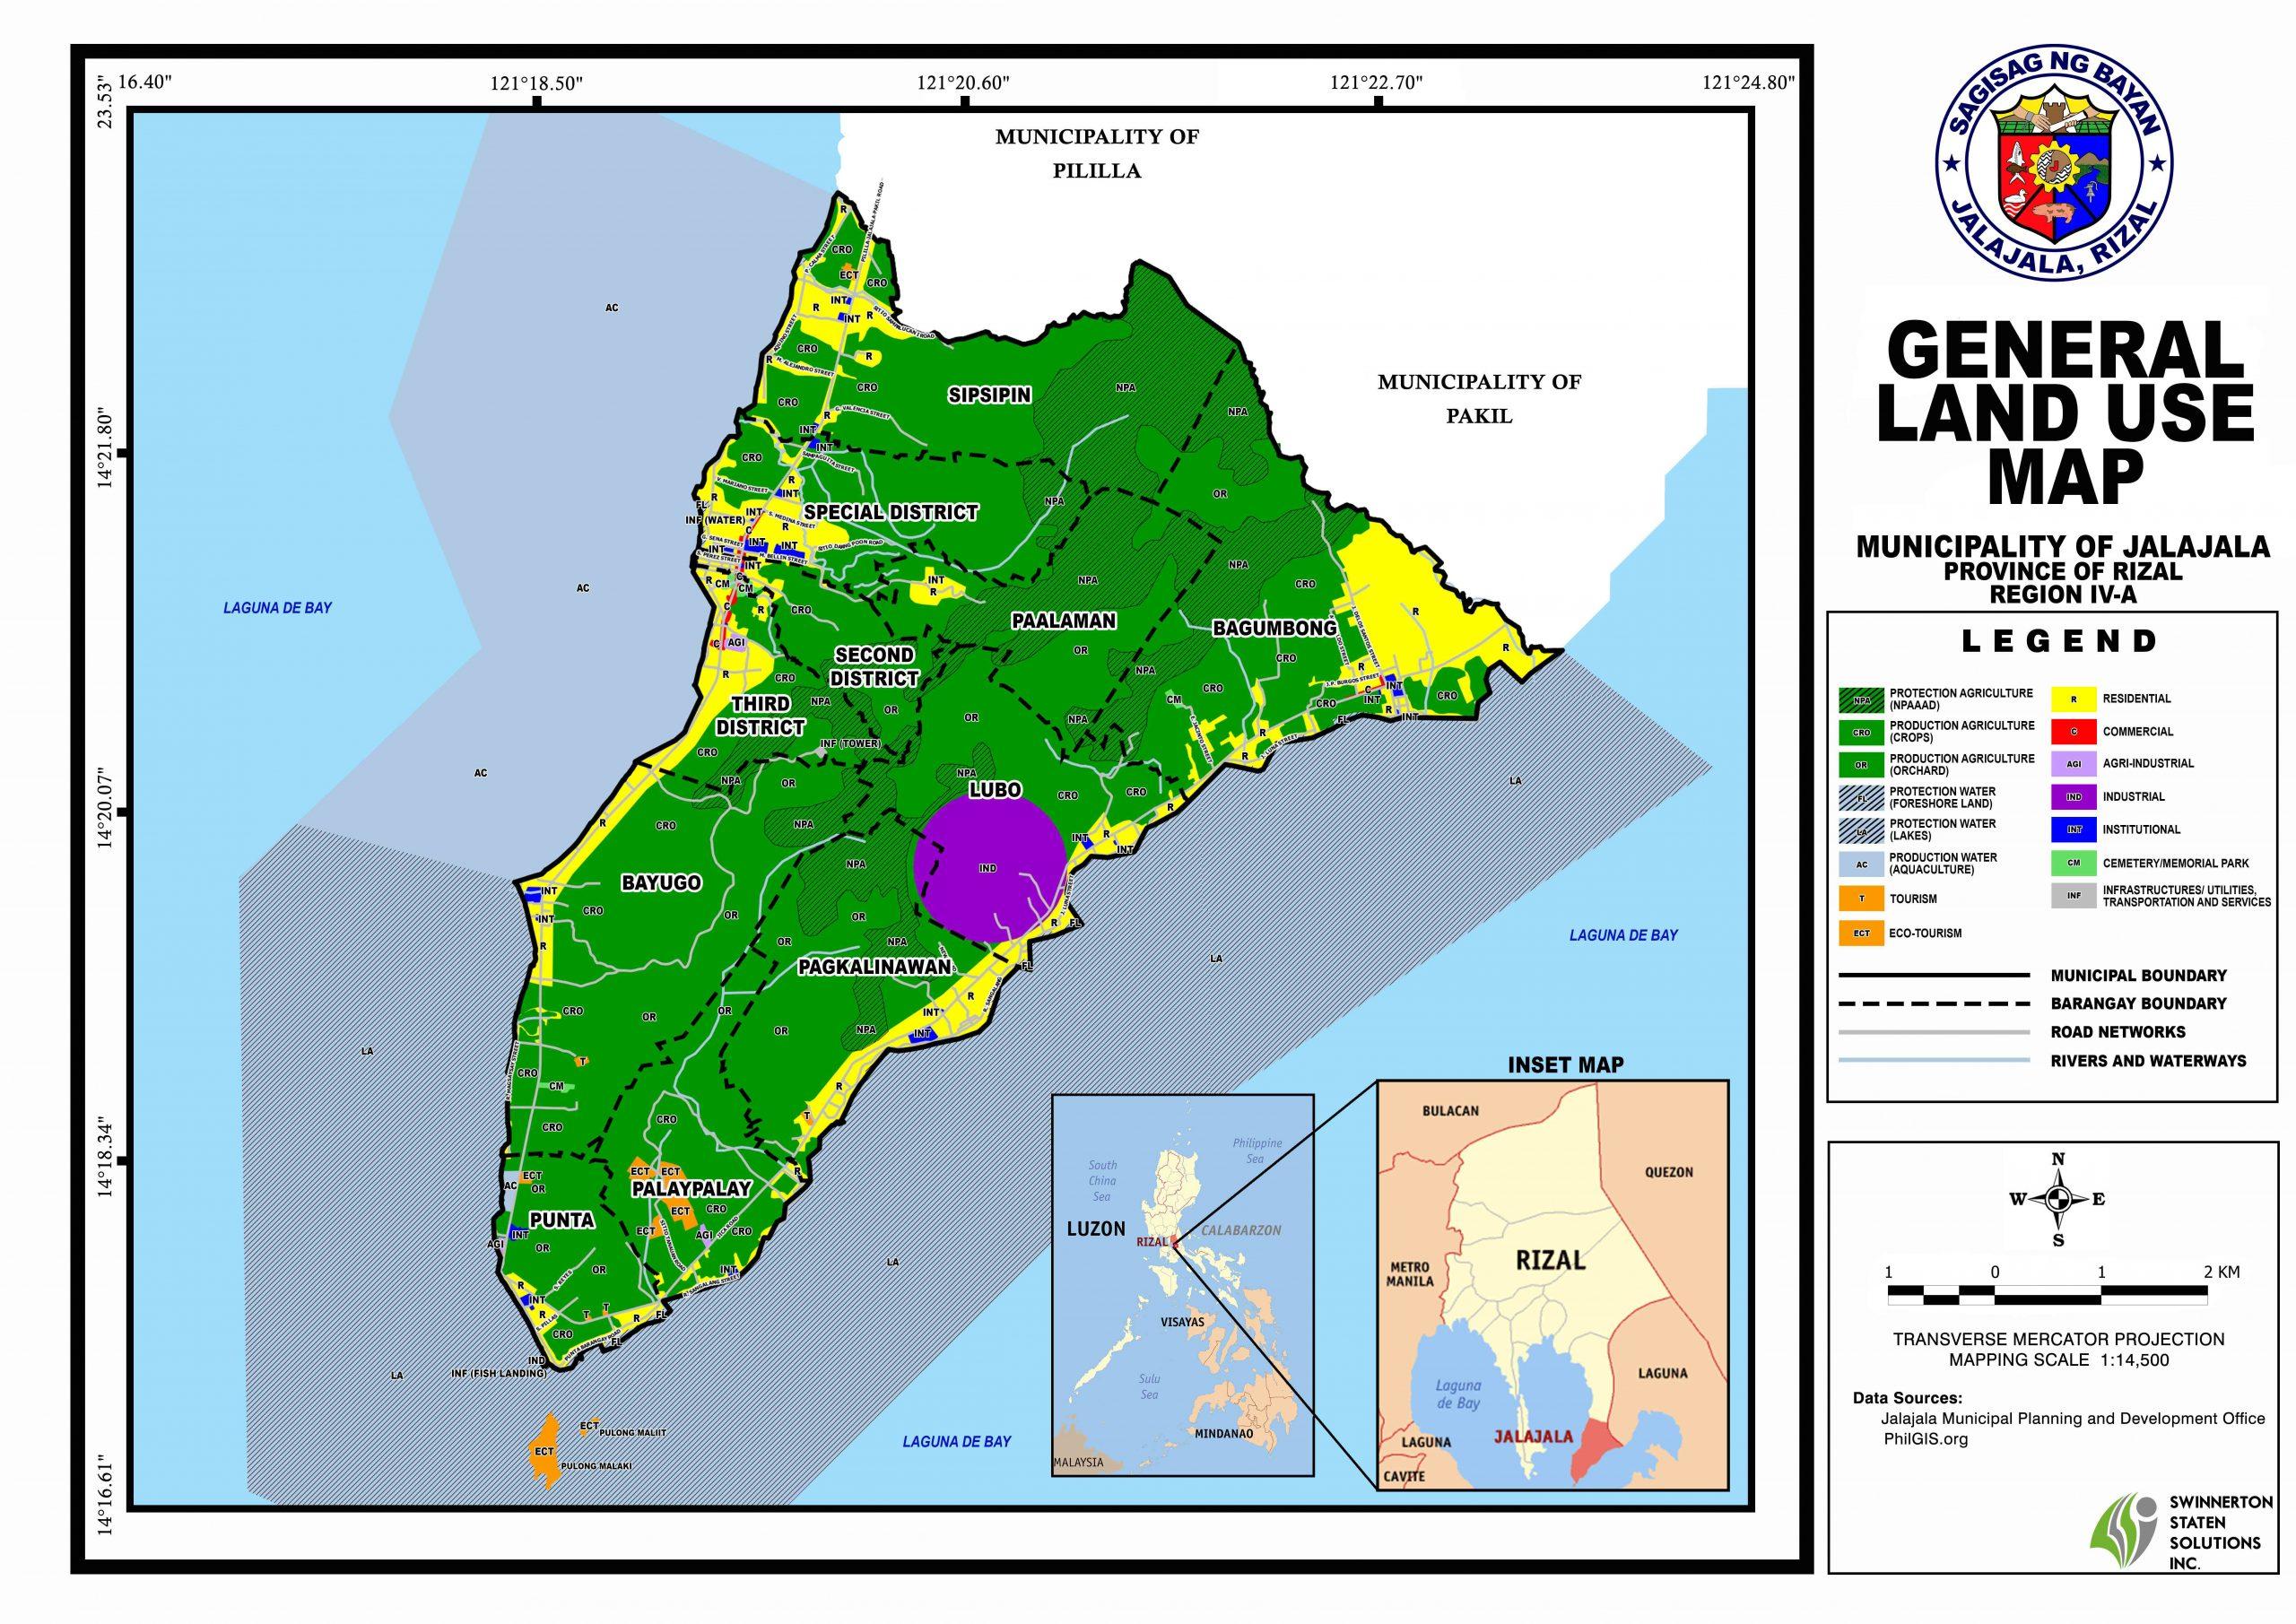 GENERAL LANDUSE MAP